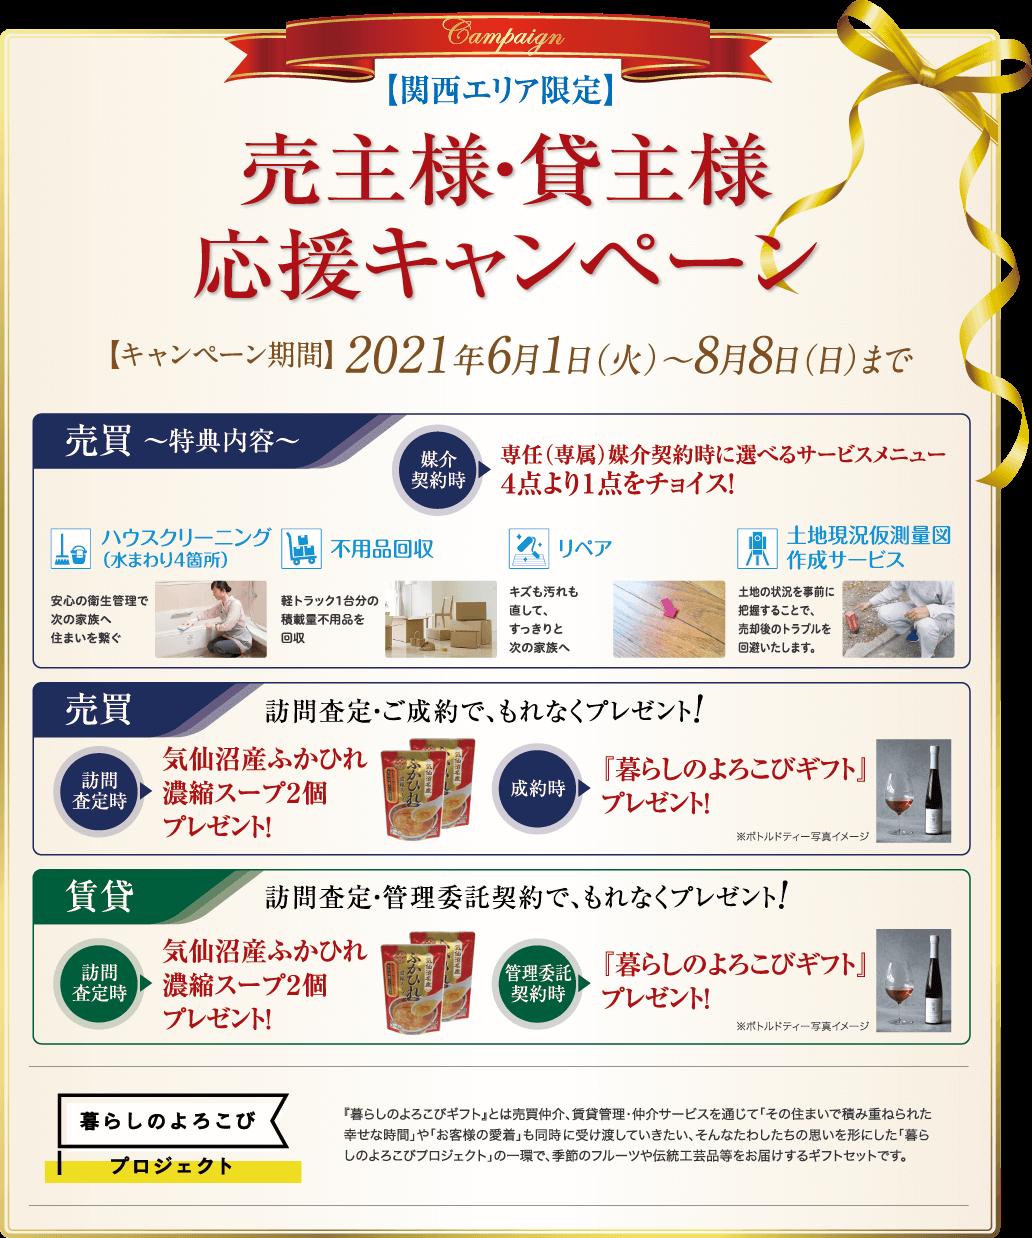 【売主様・貸主様応援キャンペーン<関西エリア限定>】キャンペーン期間:2021年6月1日(火)→2020年8月8日(日)まで